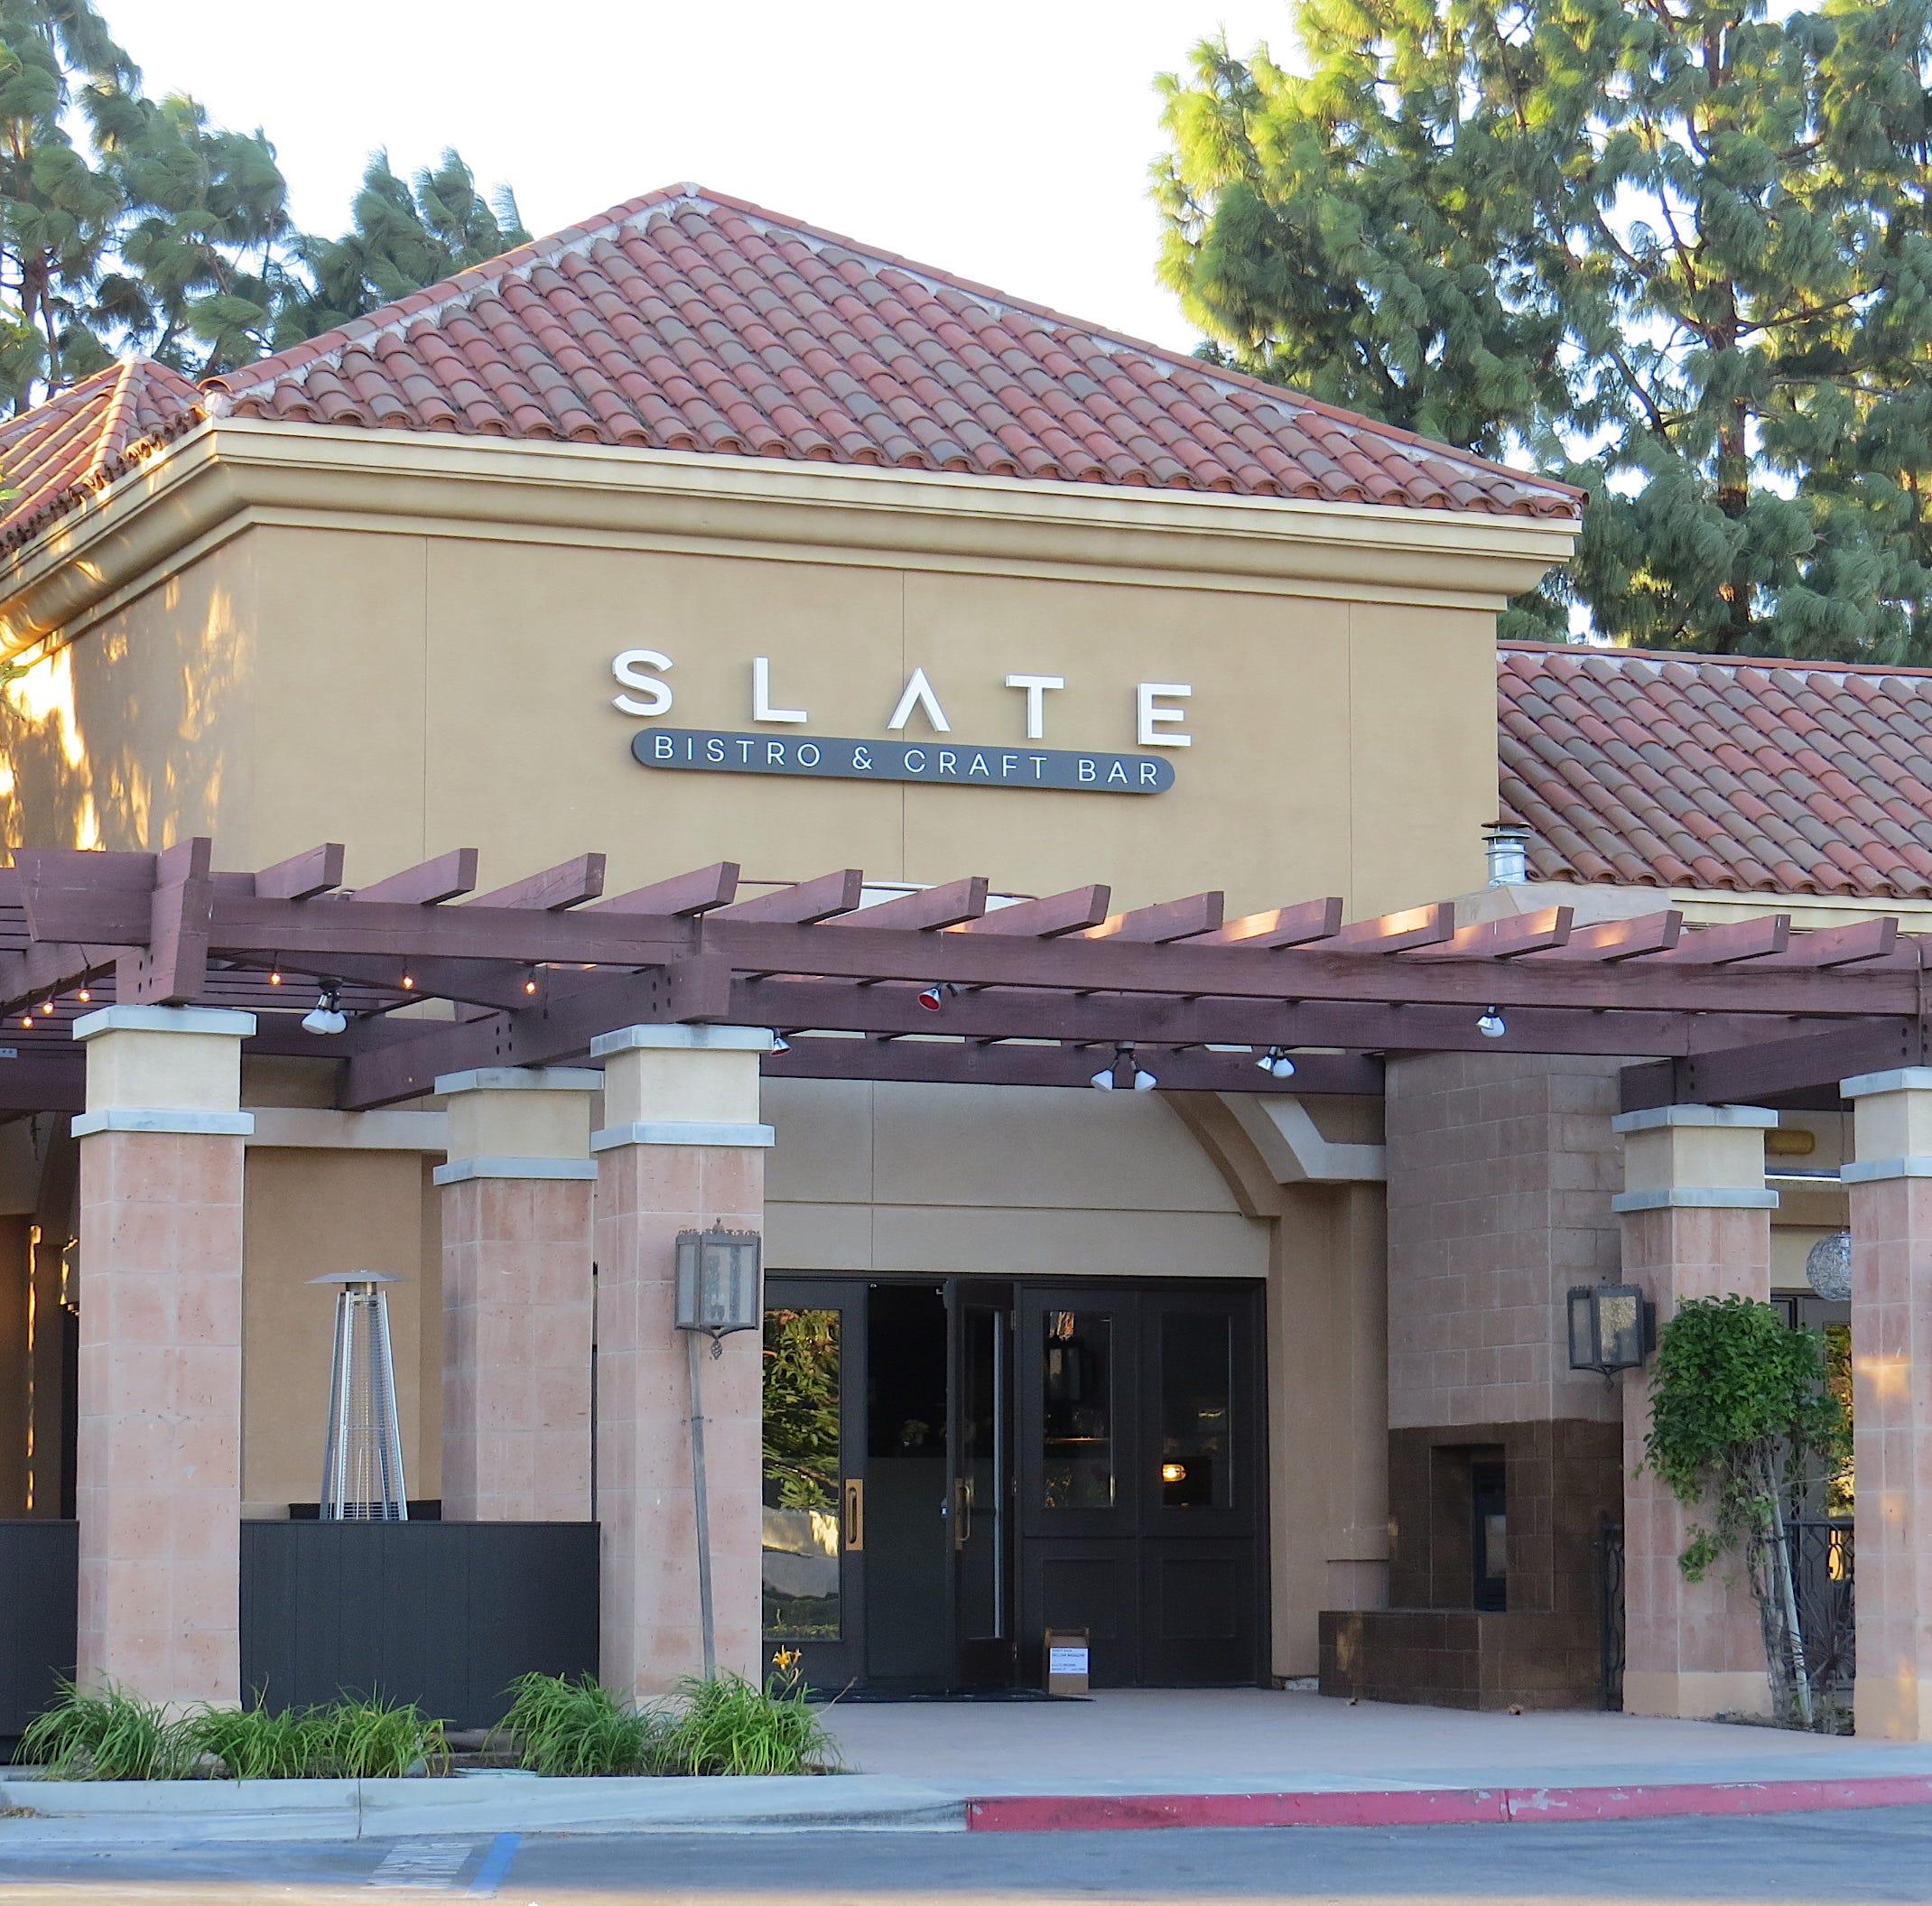 Open and Shut: Slate Bistro unveils new decor, menu at familiar Camarillo address